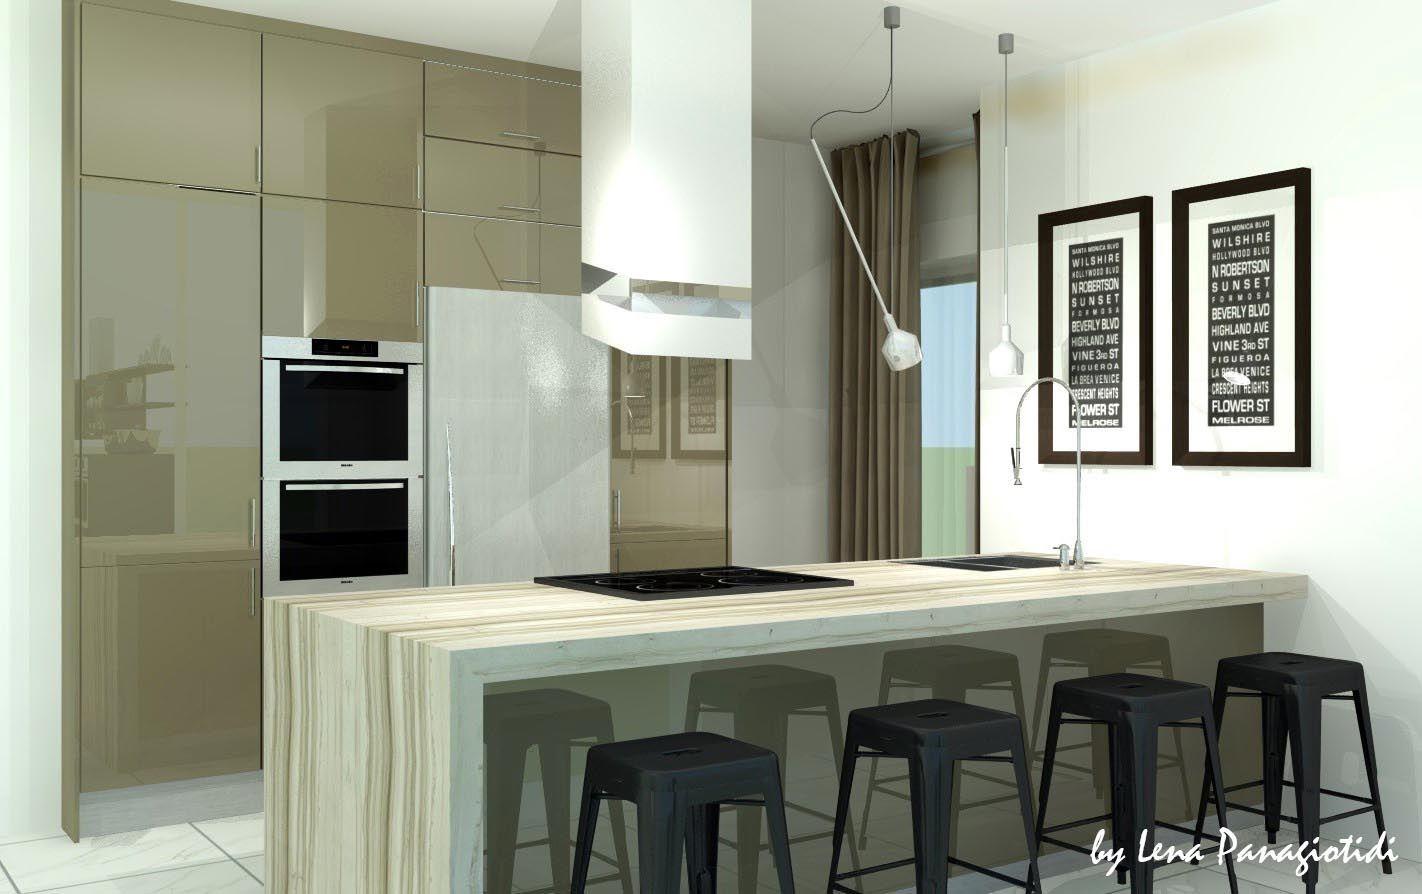 Pin By Spazio On Diamerismata Home Decor Decor Home